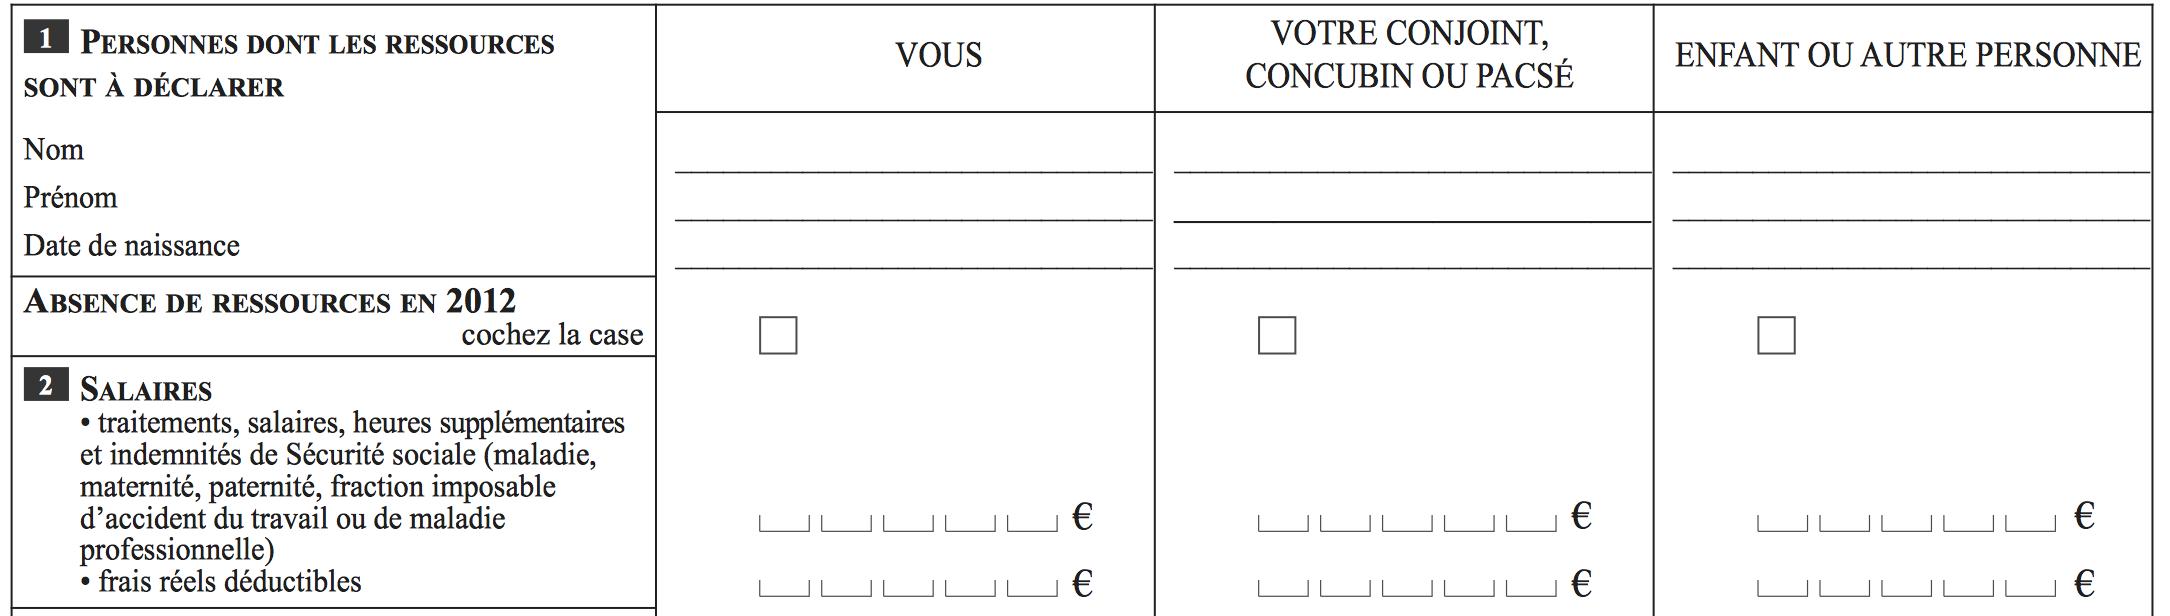 CAF TRIMESTRIELLE TÉLÉCHARGER DÉCLARATION FORMULAIRE